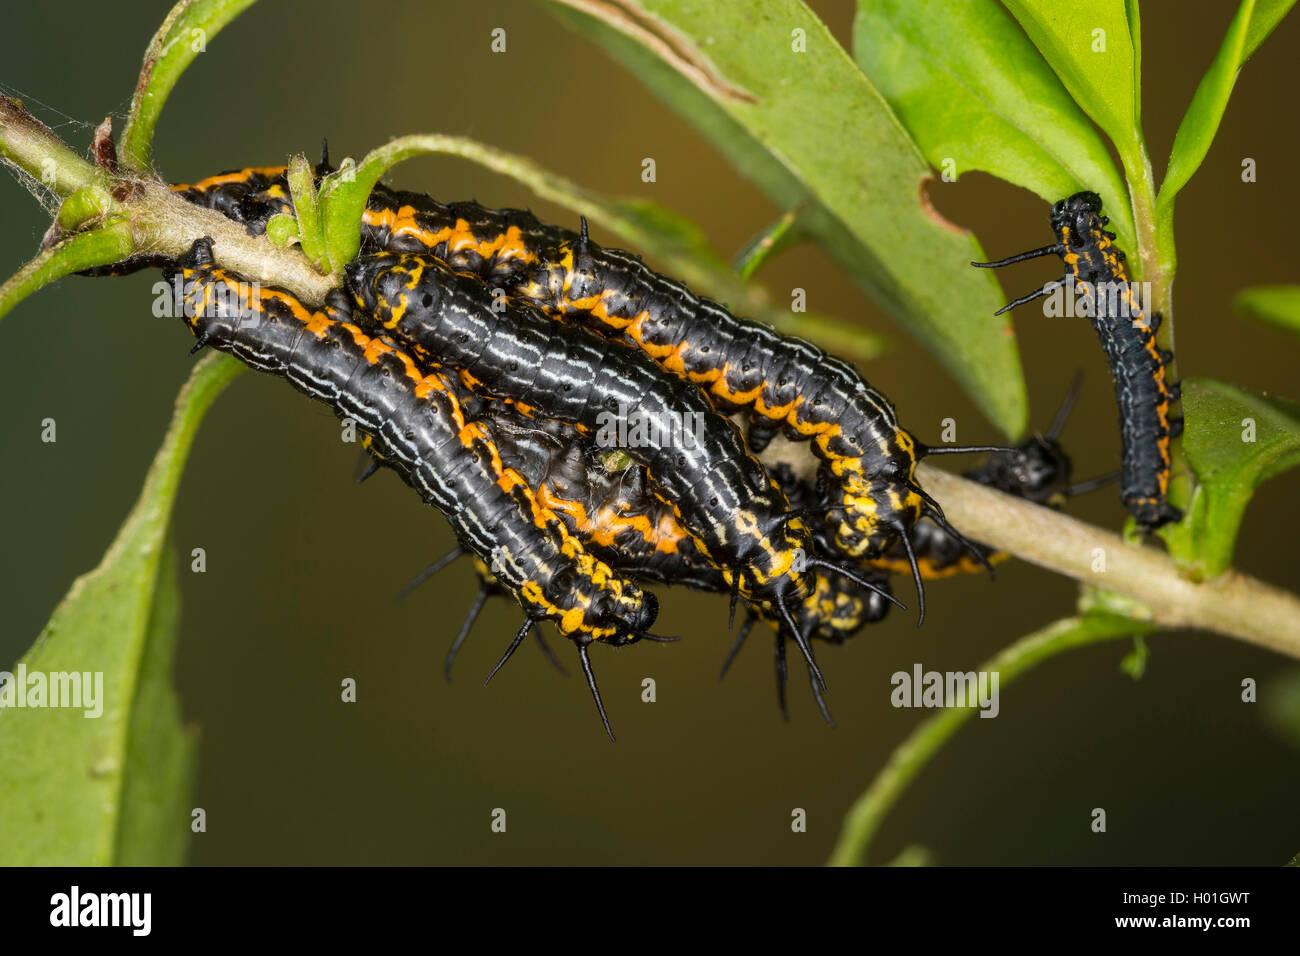 Europaeische Brahmaspinner (Brahmaea Europaea, Bramaea Europaea, Acanthobrahmea Europaea, Acanthobramea Europaea), Stockbild